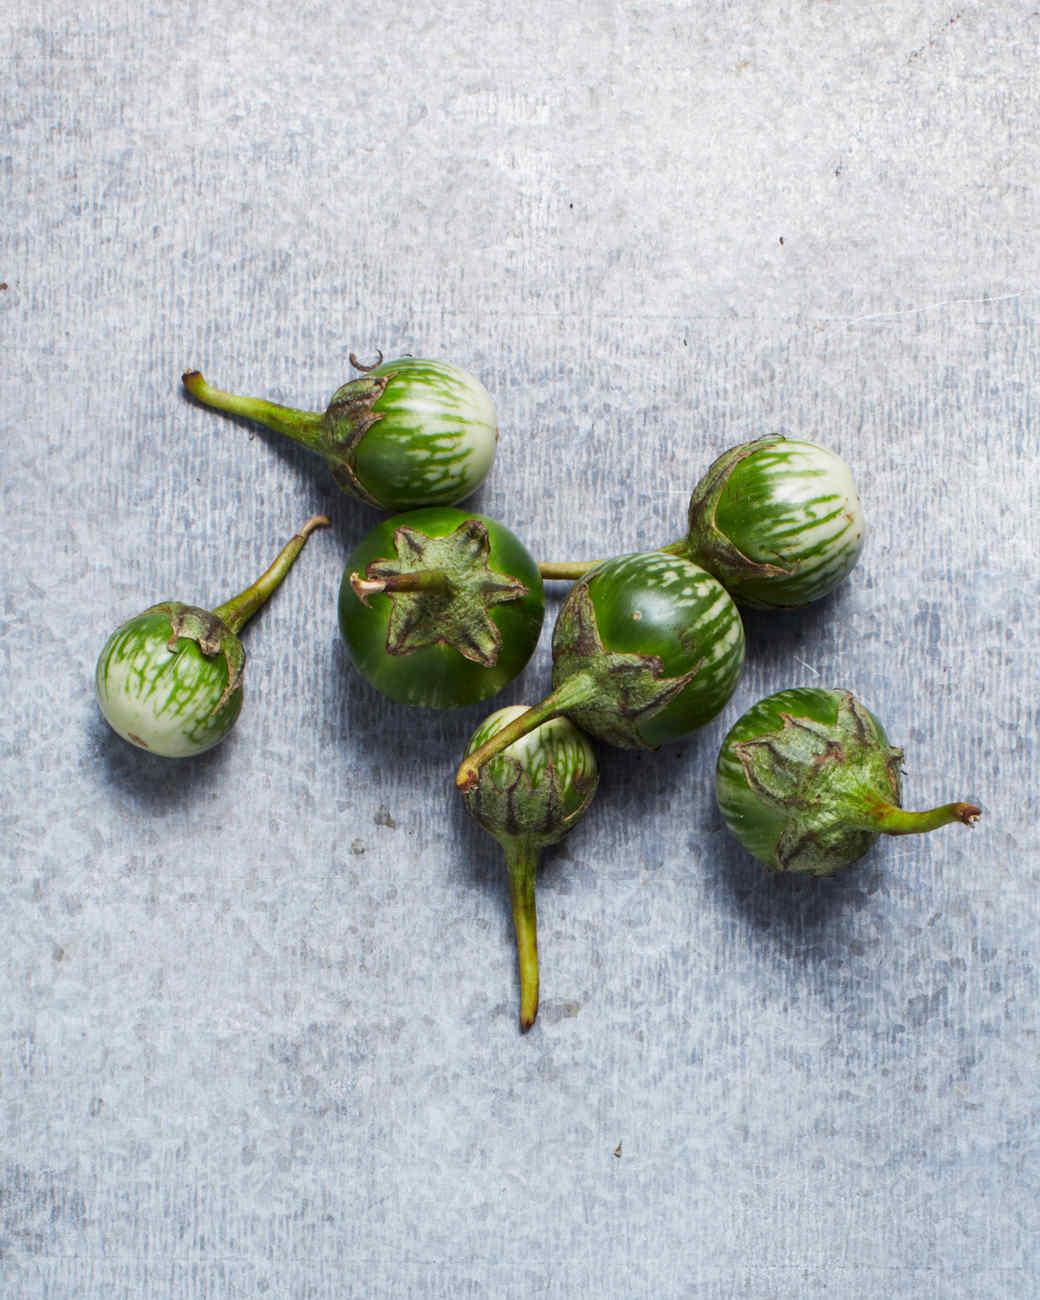 eggplant-glossary-091-d110486-0515.jpg